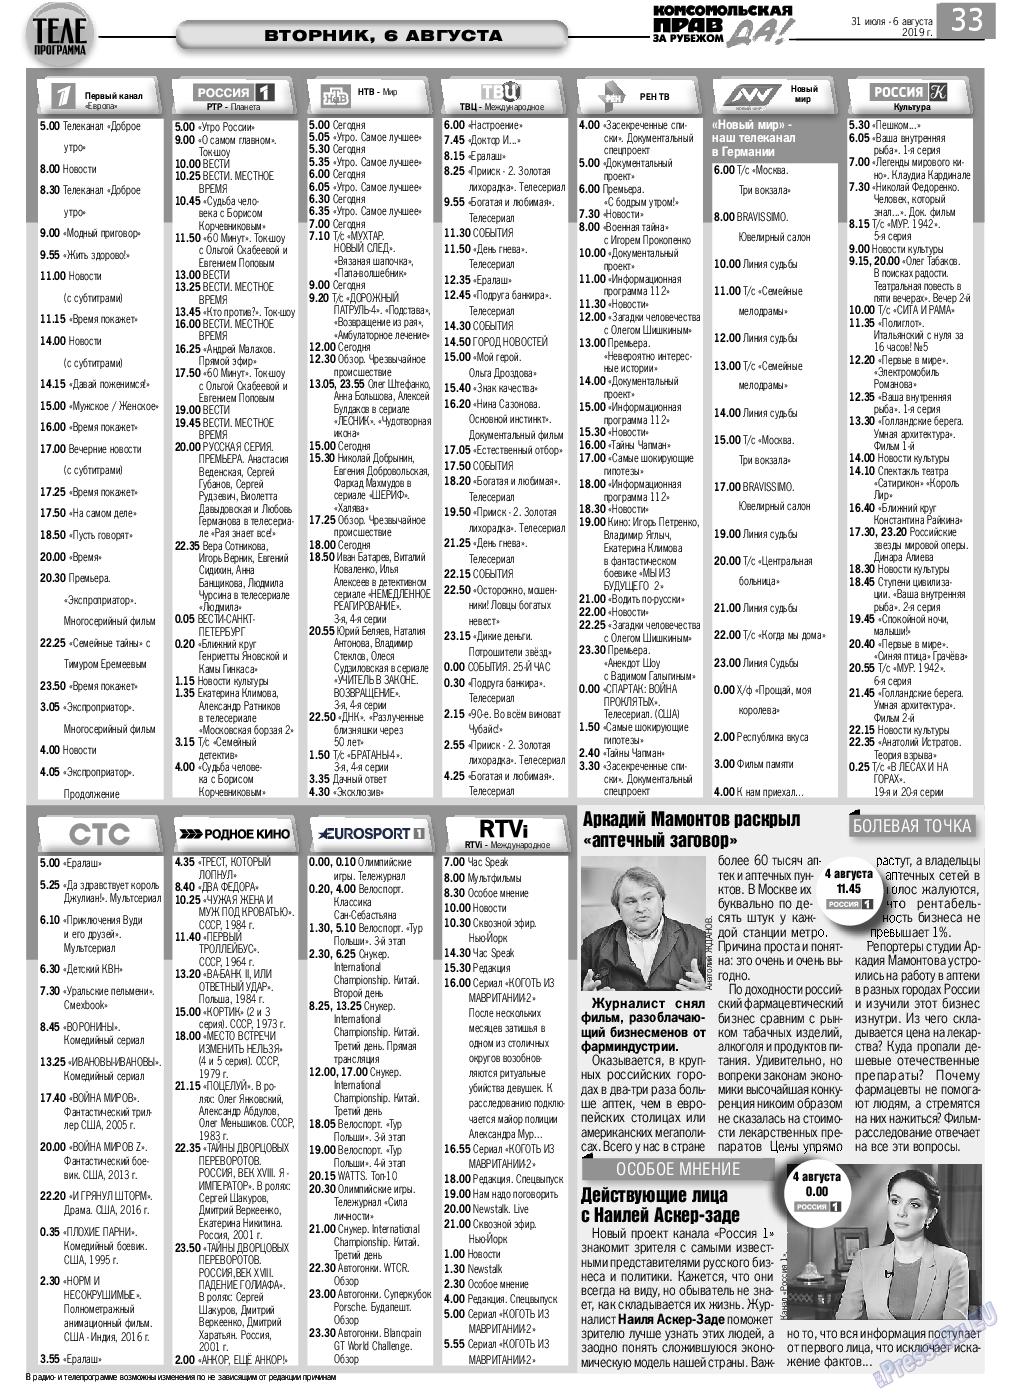 КП в Европе (газета). 2019 год, номер 31, стр. 33